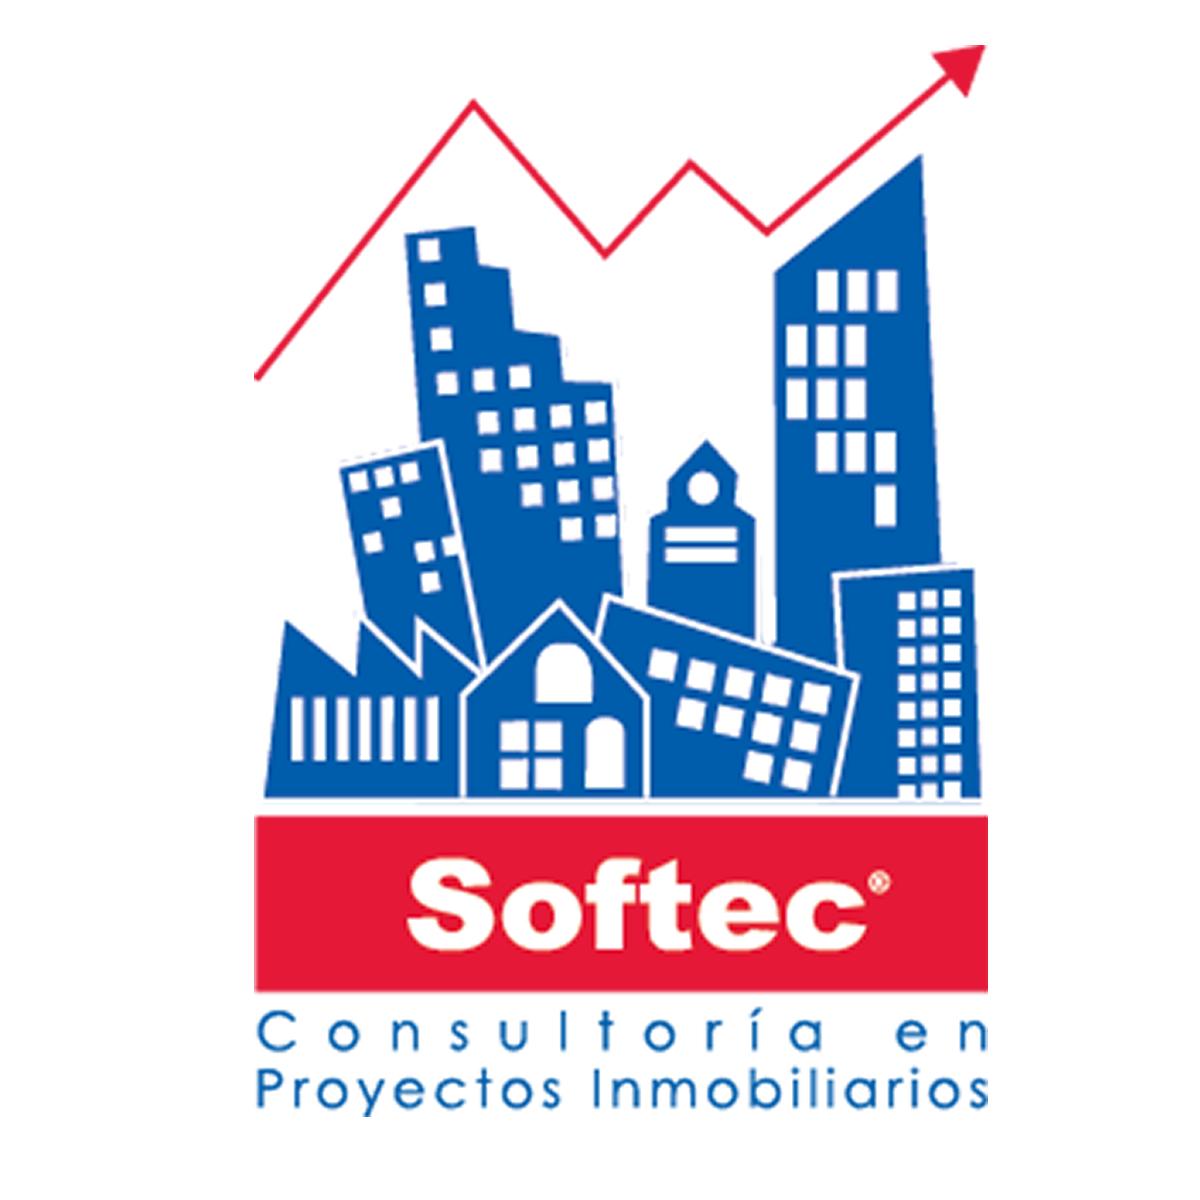 Softec Consultoría Inmobiliaria